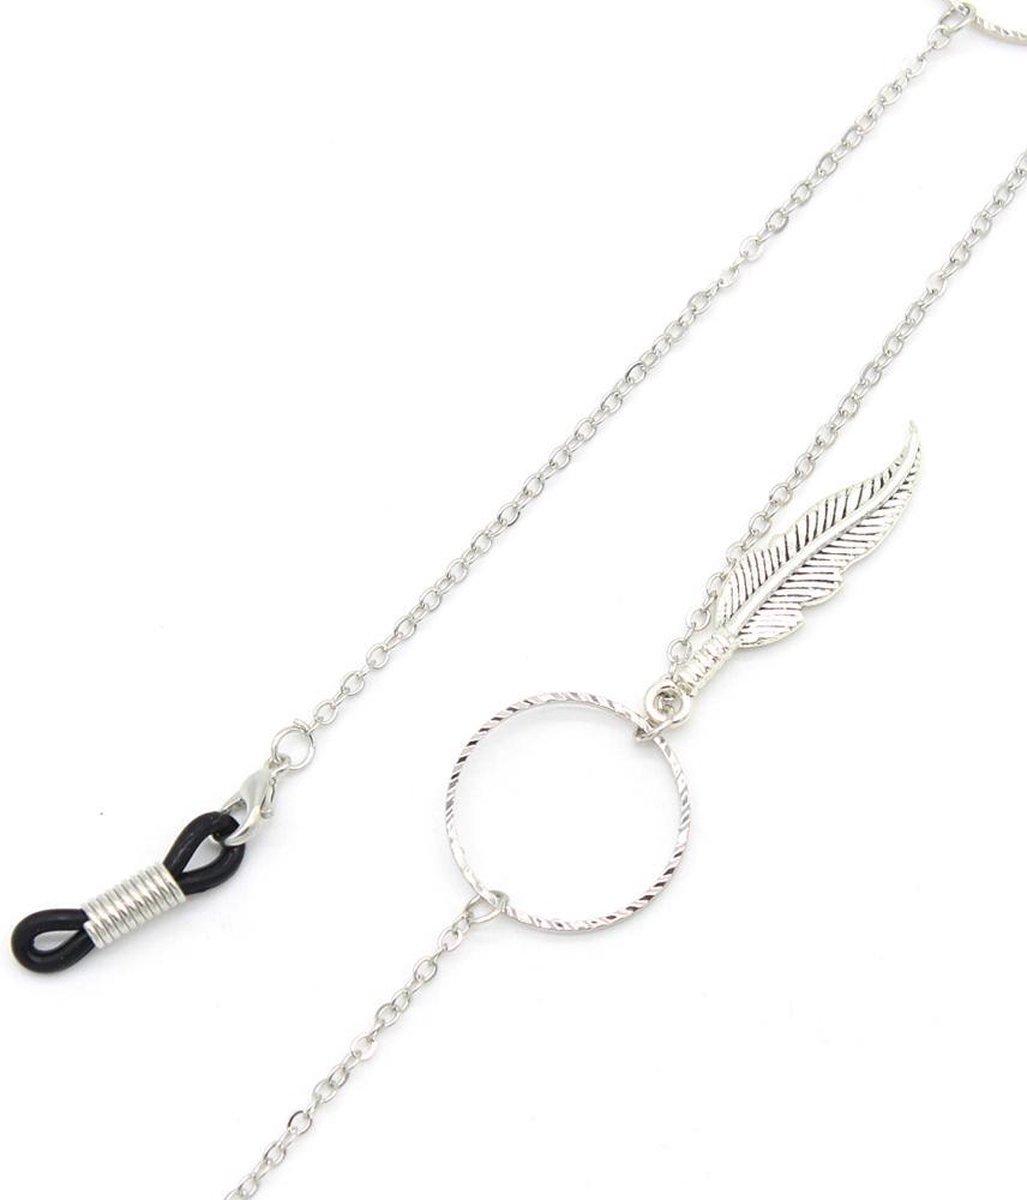 Brillenkoord - Kettinkje voor Zonnebril - Veertjes - Ankerschakel - 78cm - Zilverkleurig - Dielay - Dielay